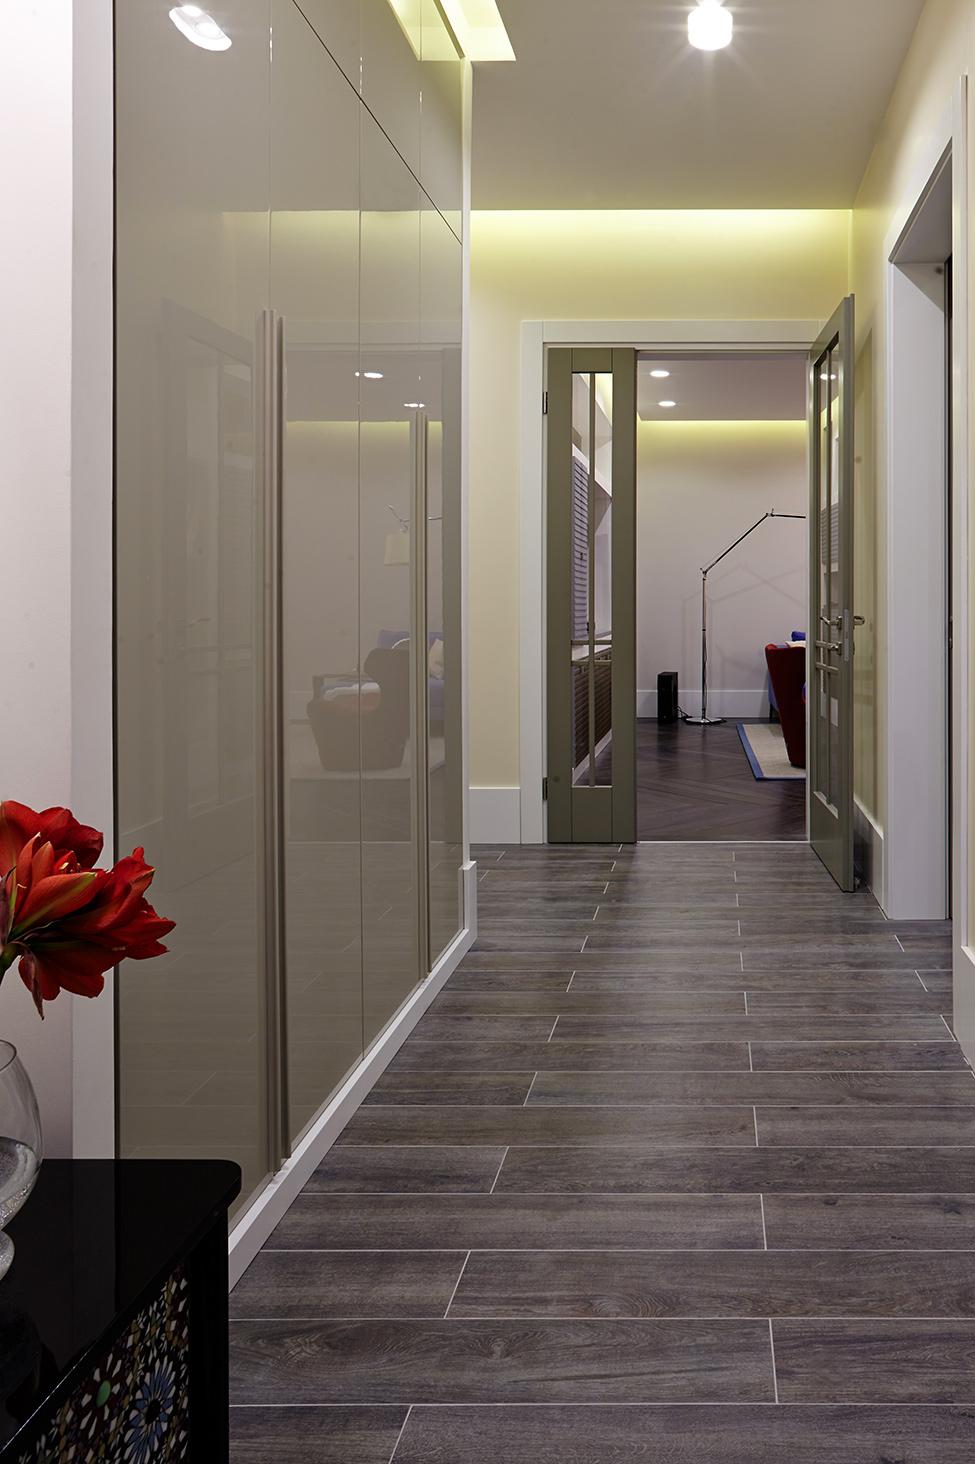 cool-hall-way-avec-armoires-en-verre-et-parquet-en-céramique-aussi-jaune-éclairage-dans-un-appartement-moderne